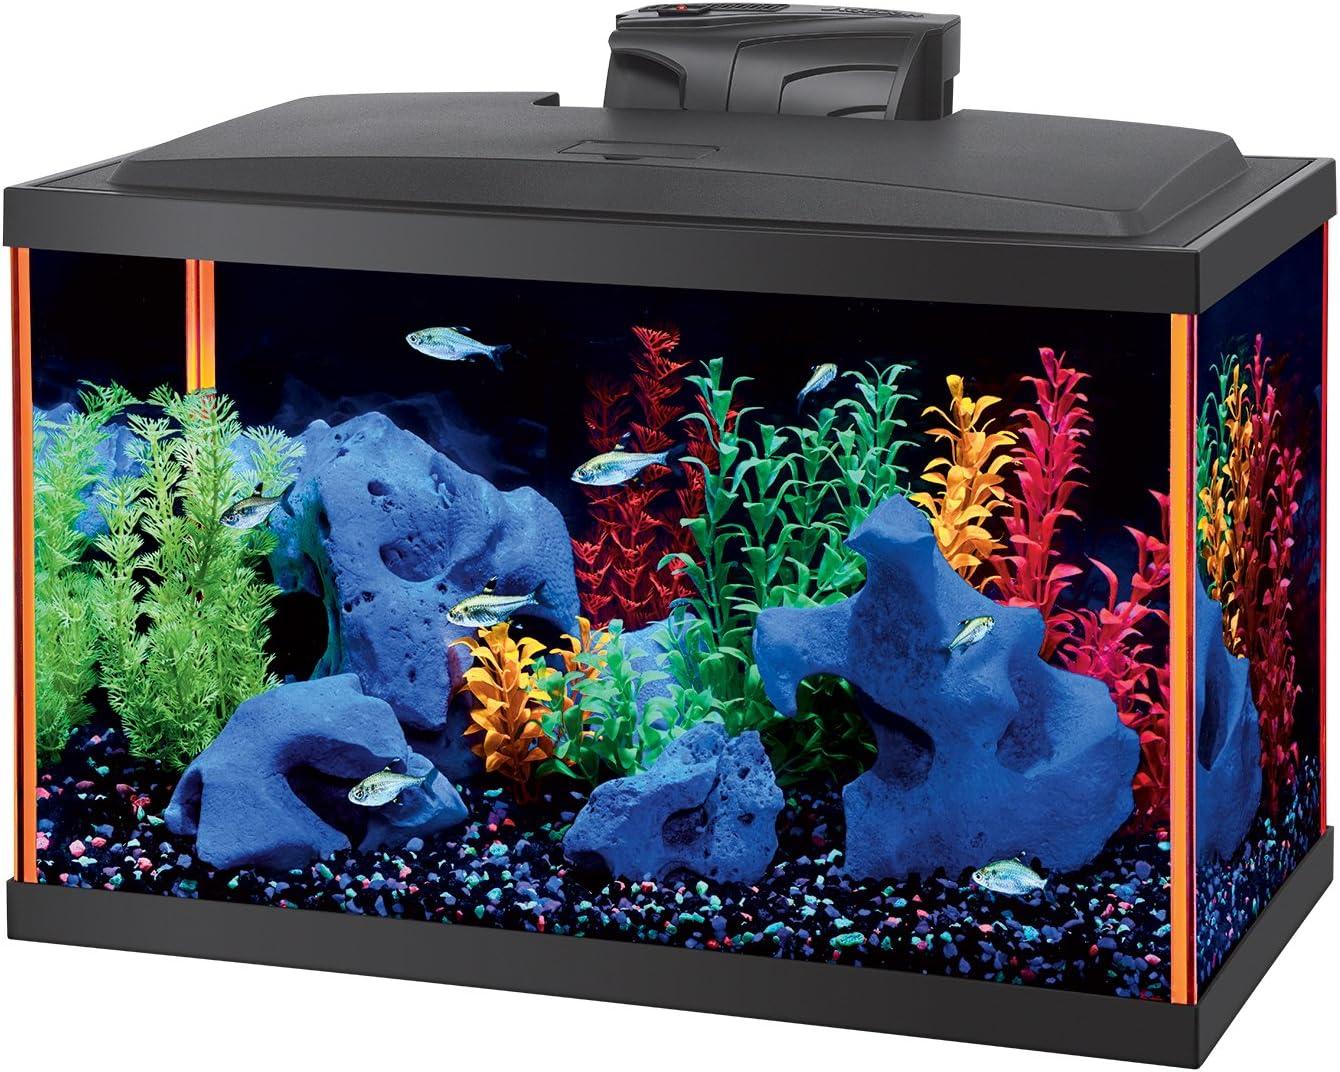 Aqueon NeoGlow Aquarium Kit